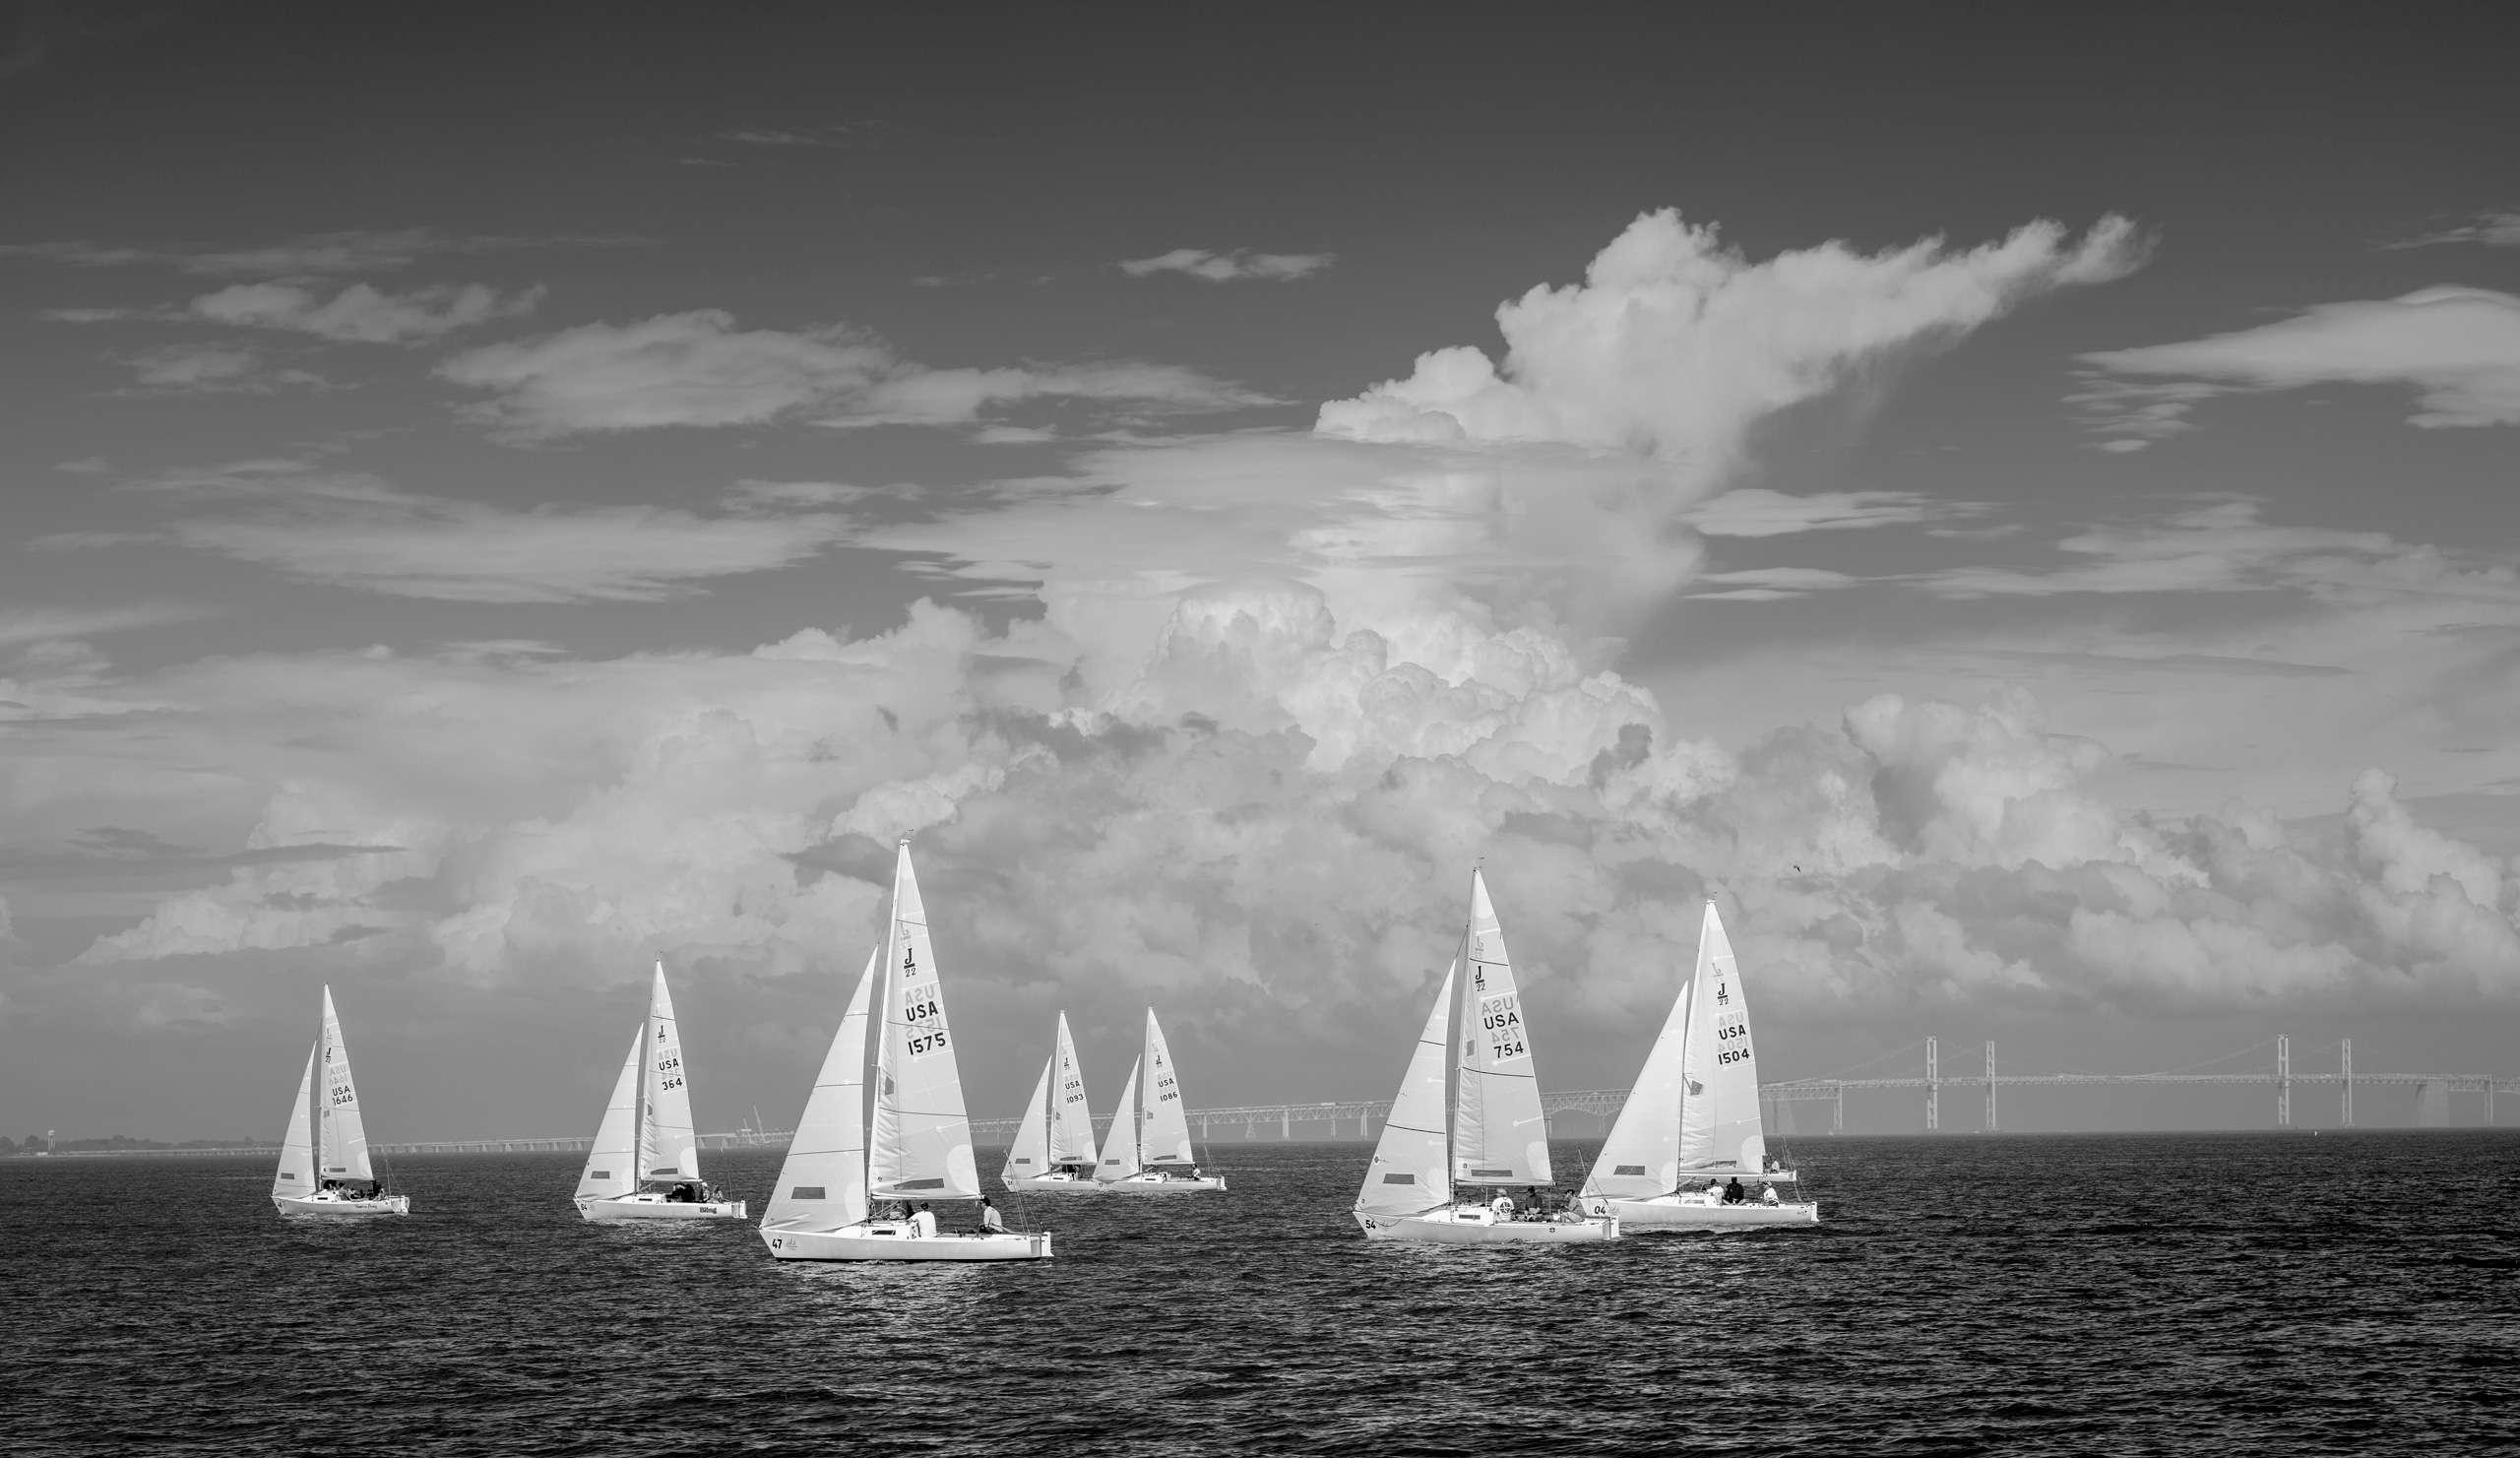 PORTFOLIO - Maritime #5